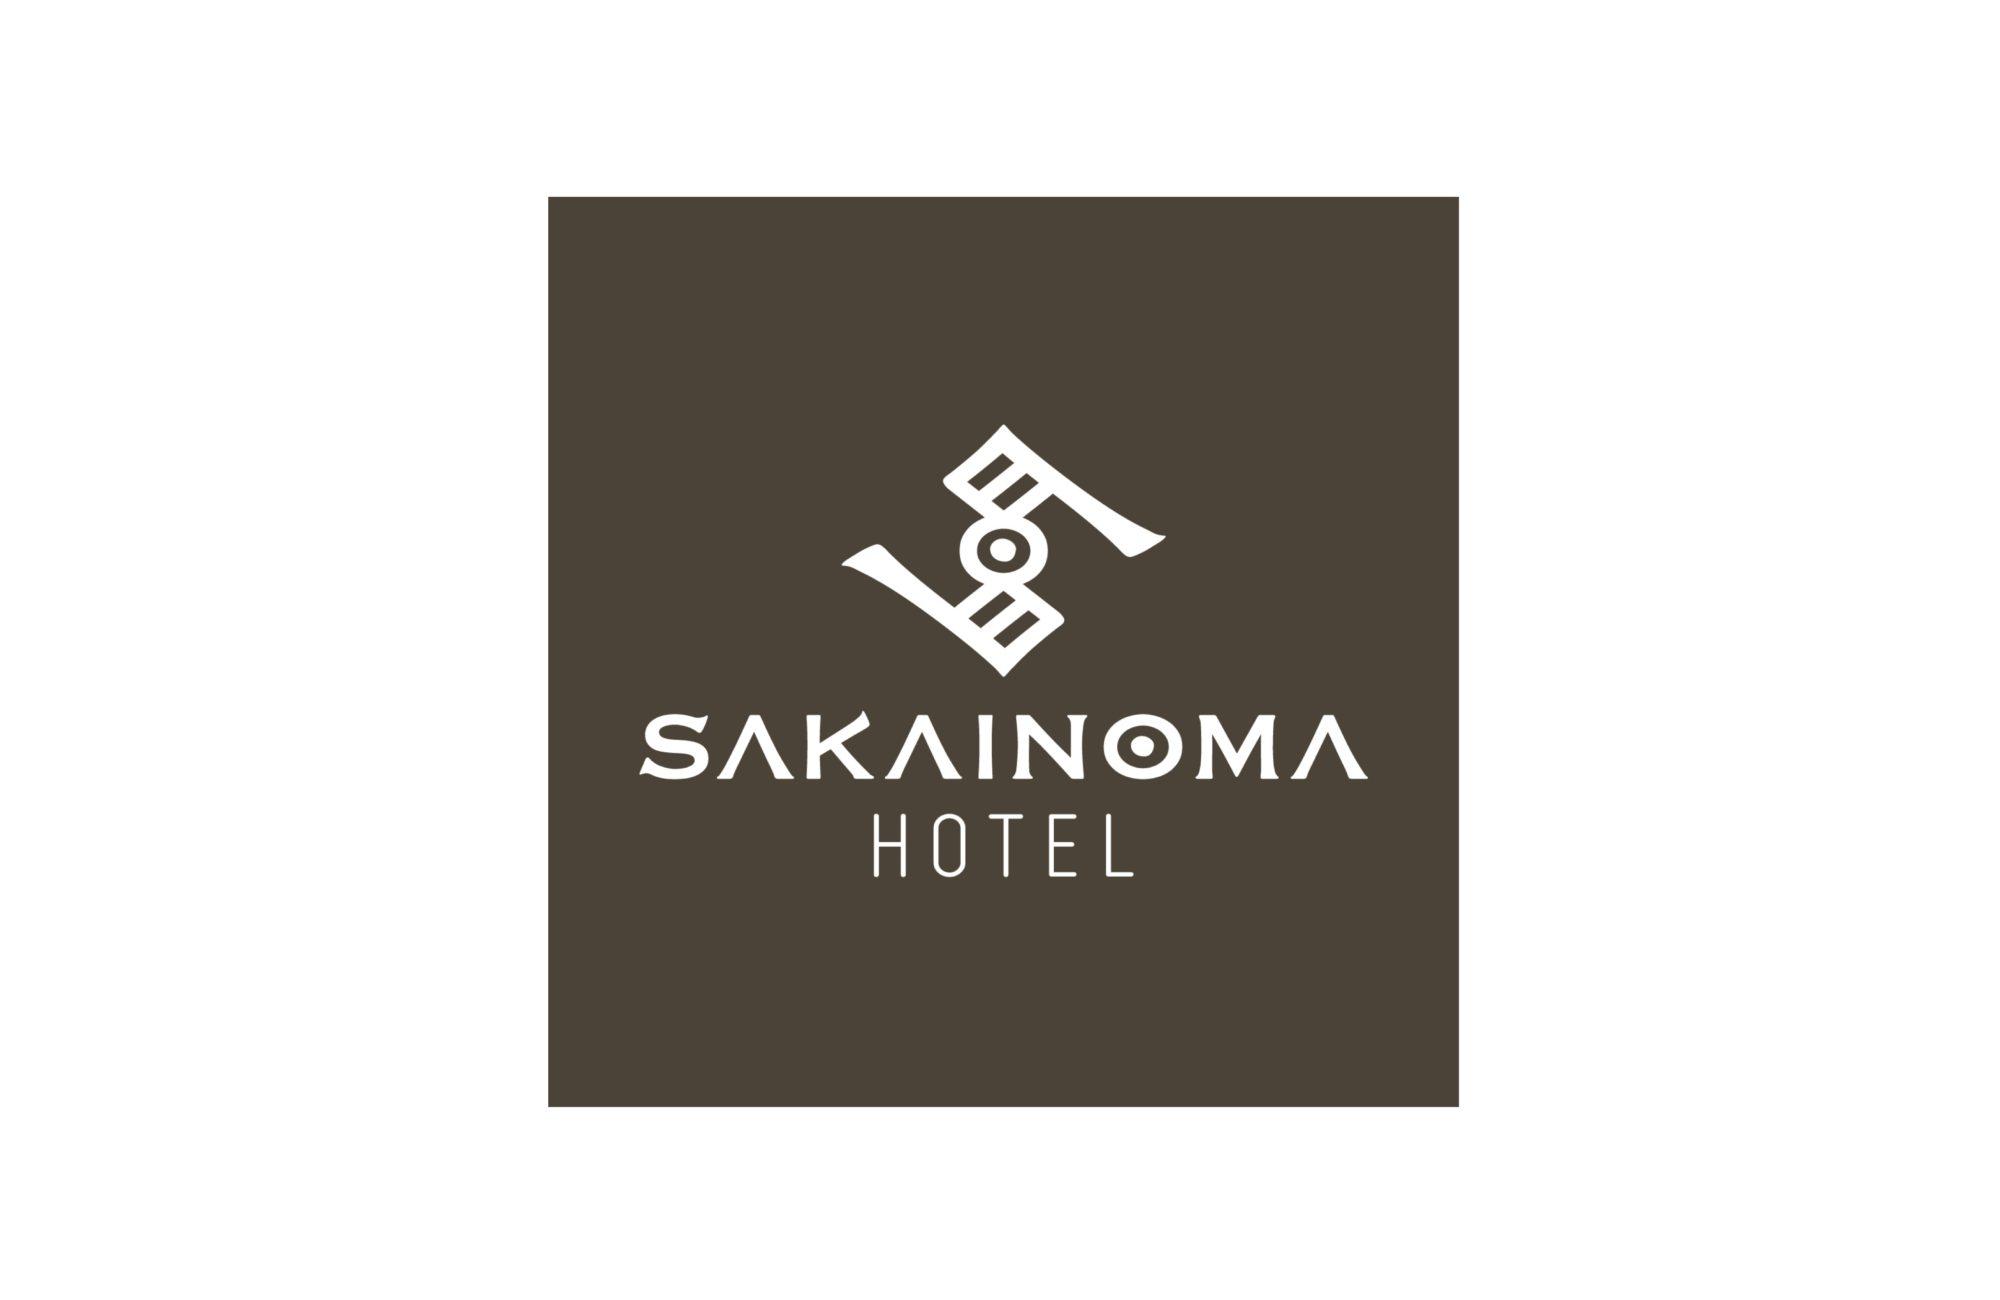 SAKAINOMA HOTEL instagram開設